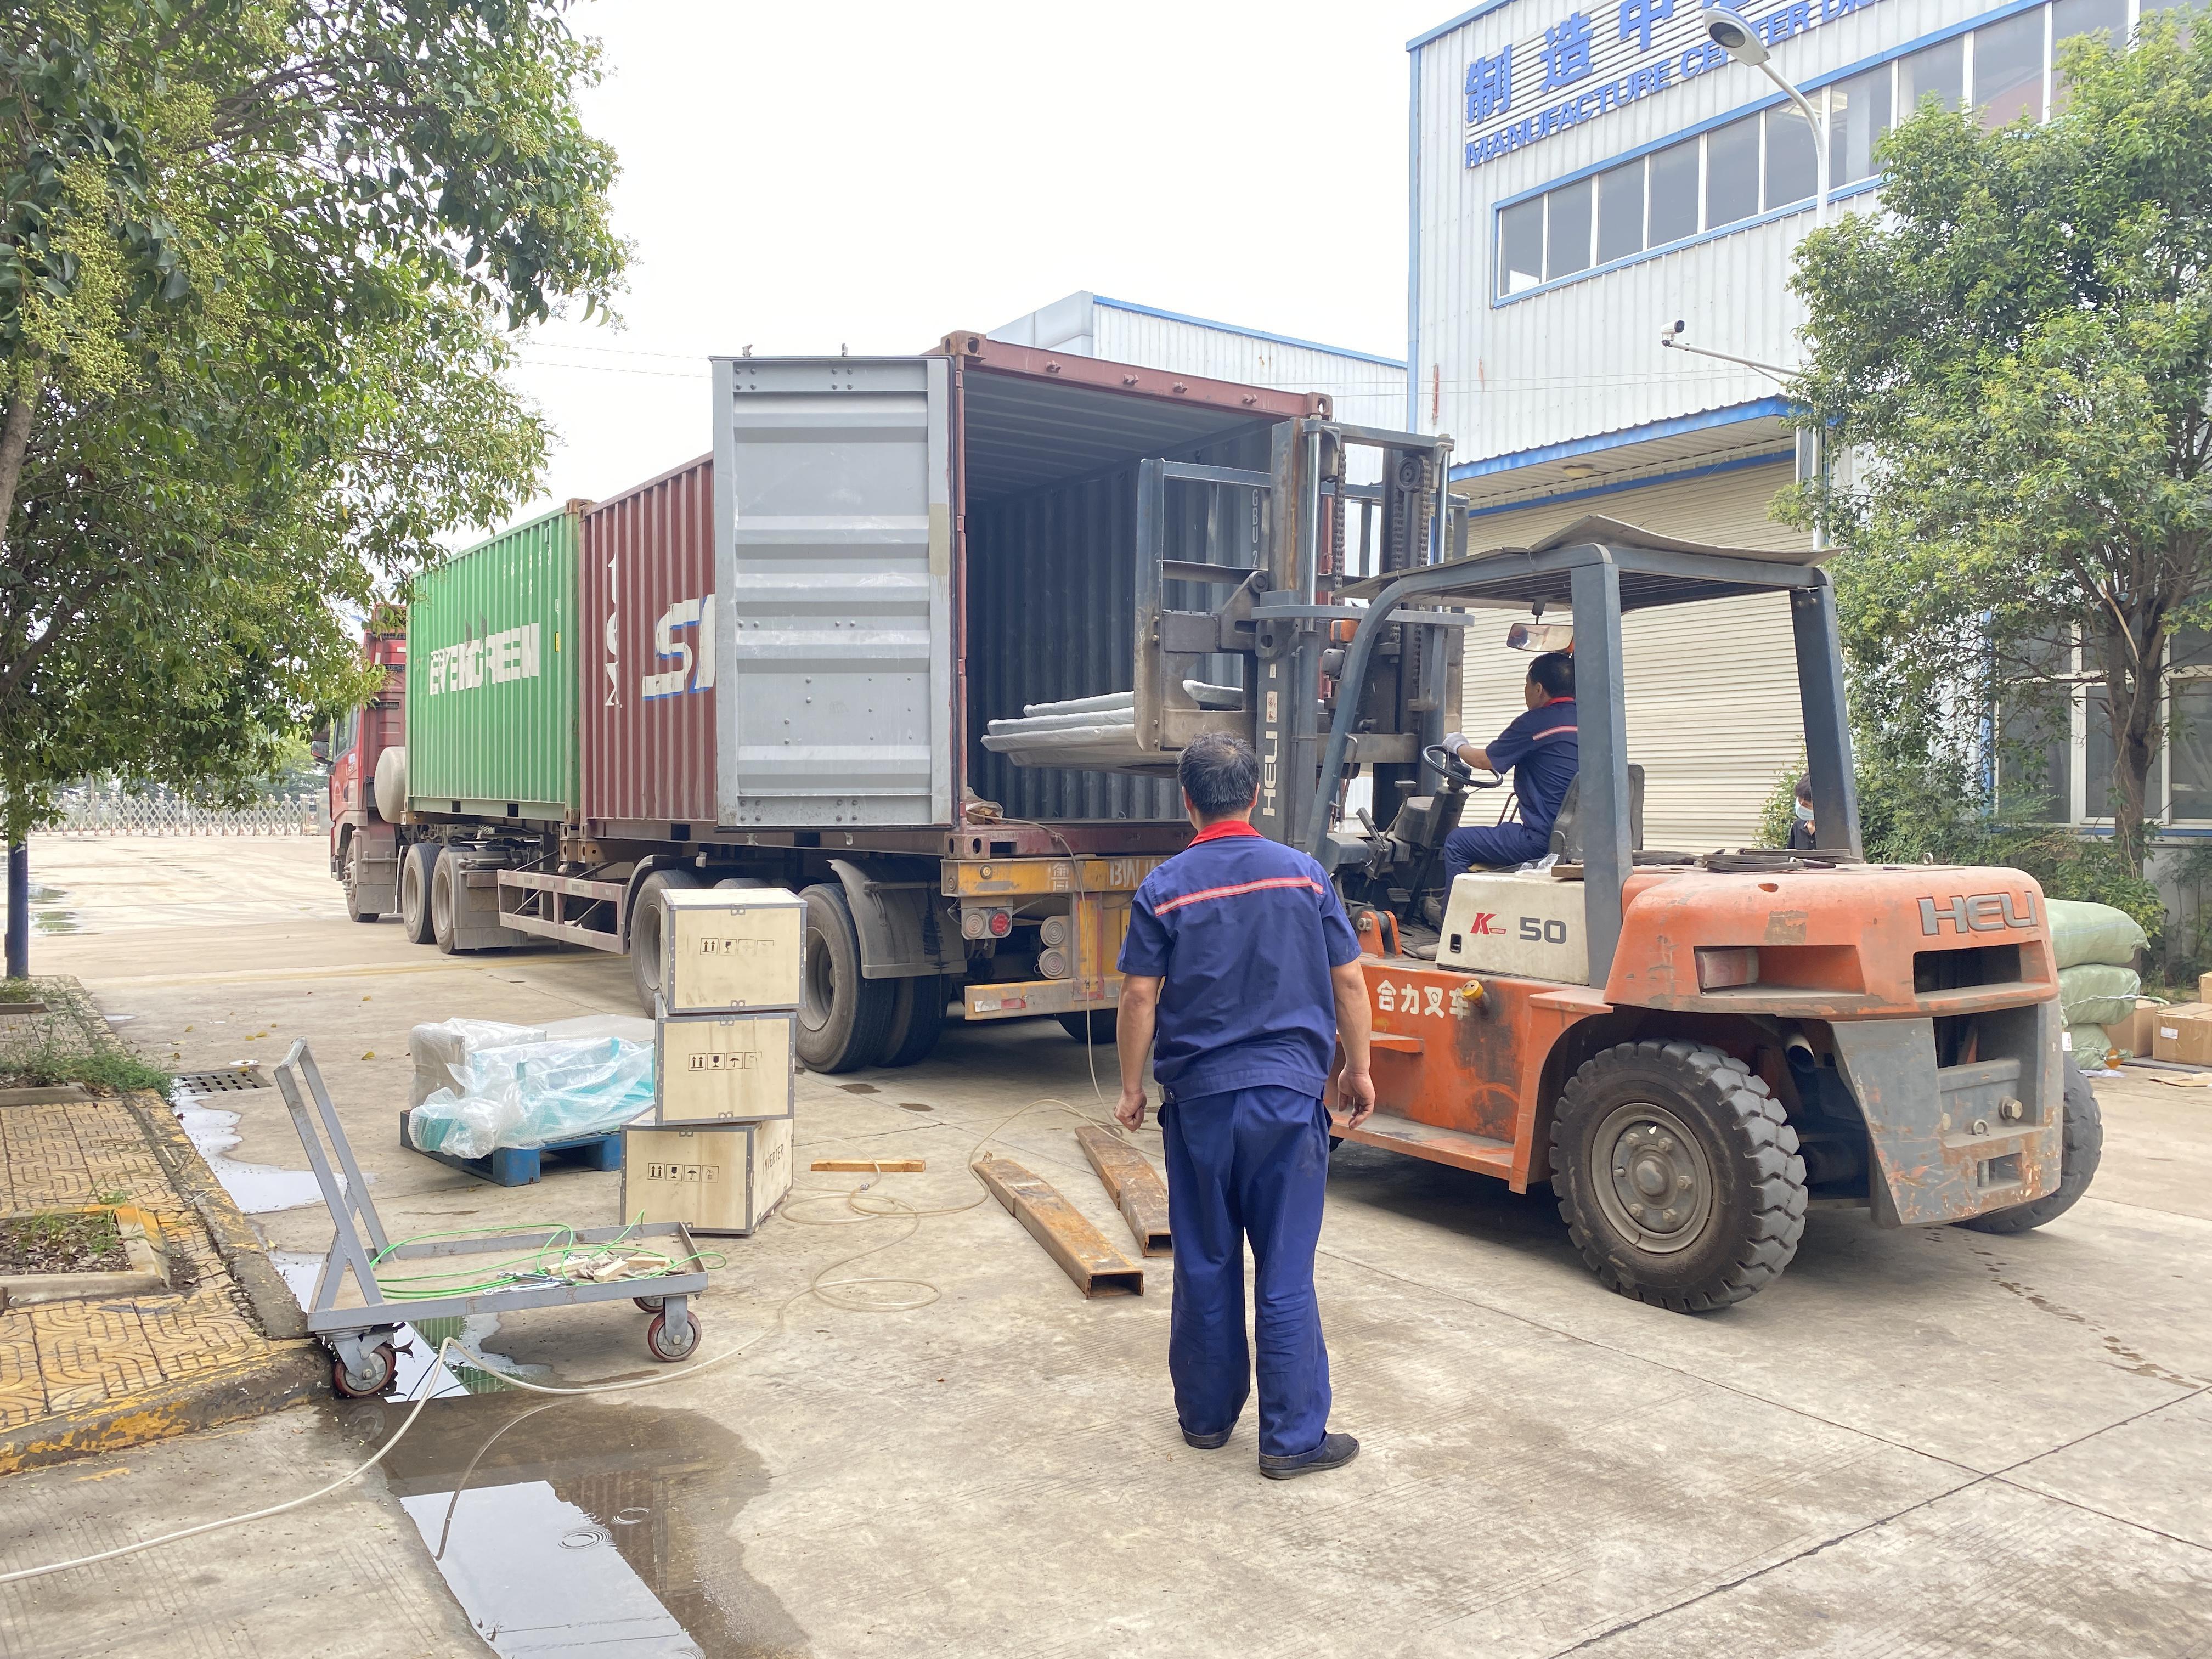 8月12日,由华豫万通承建的菲律宾玉米制粉项目装箱发